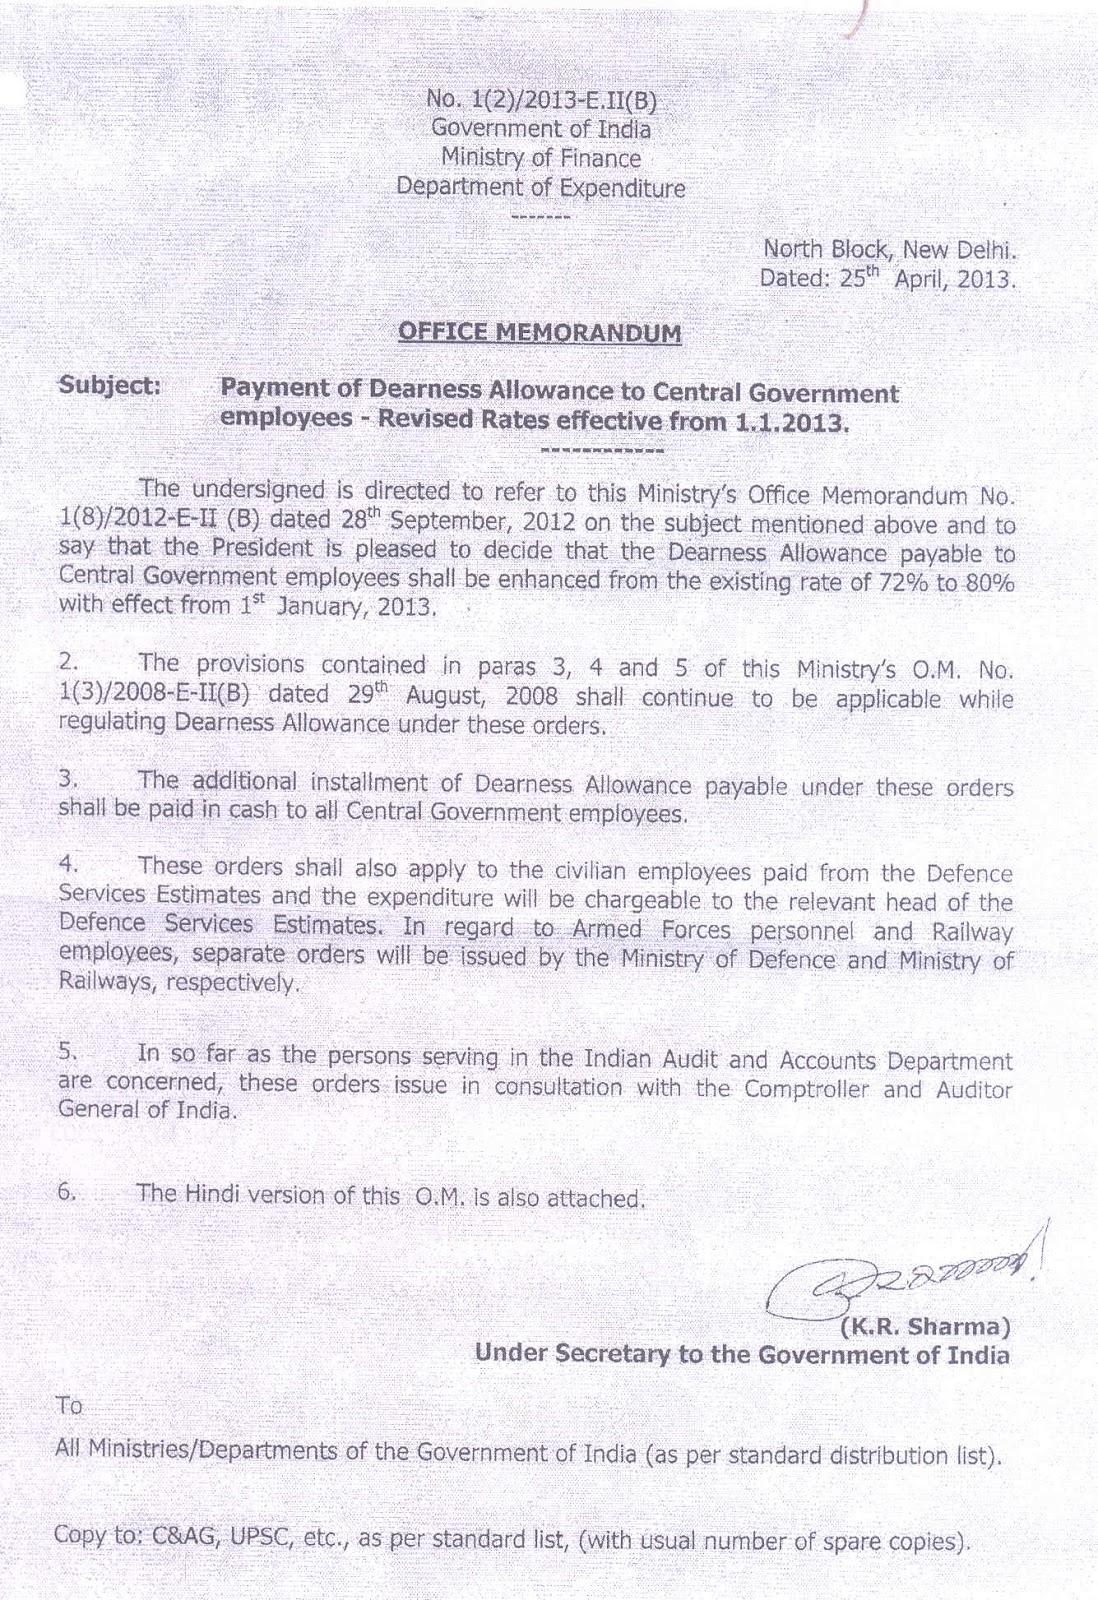 Payment of Dearness Allowance to Gramin Dak Seveaks (GDS